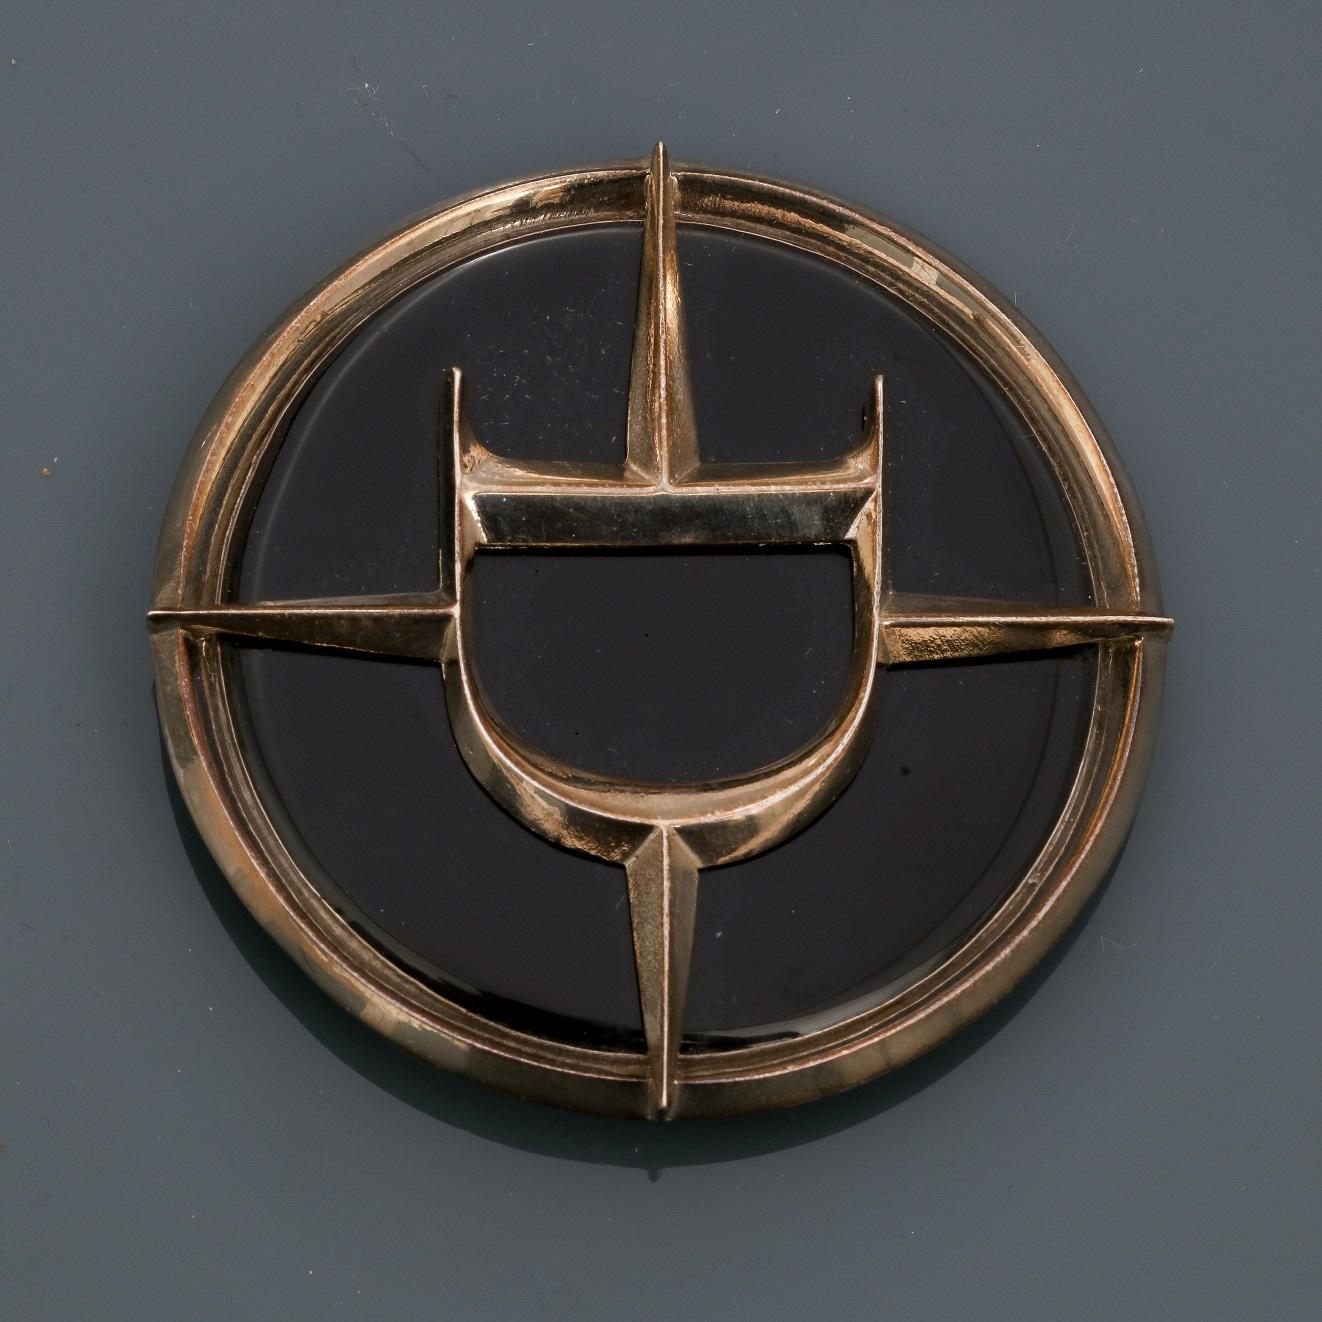 DIOR, Broche - pendentif ronde en métal argenté rhodié, appliquée d'émail noir, [...]